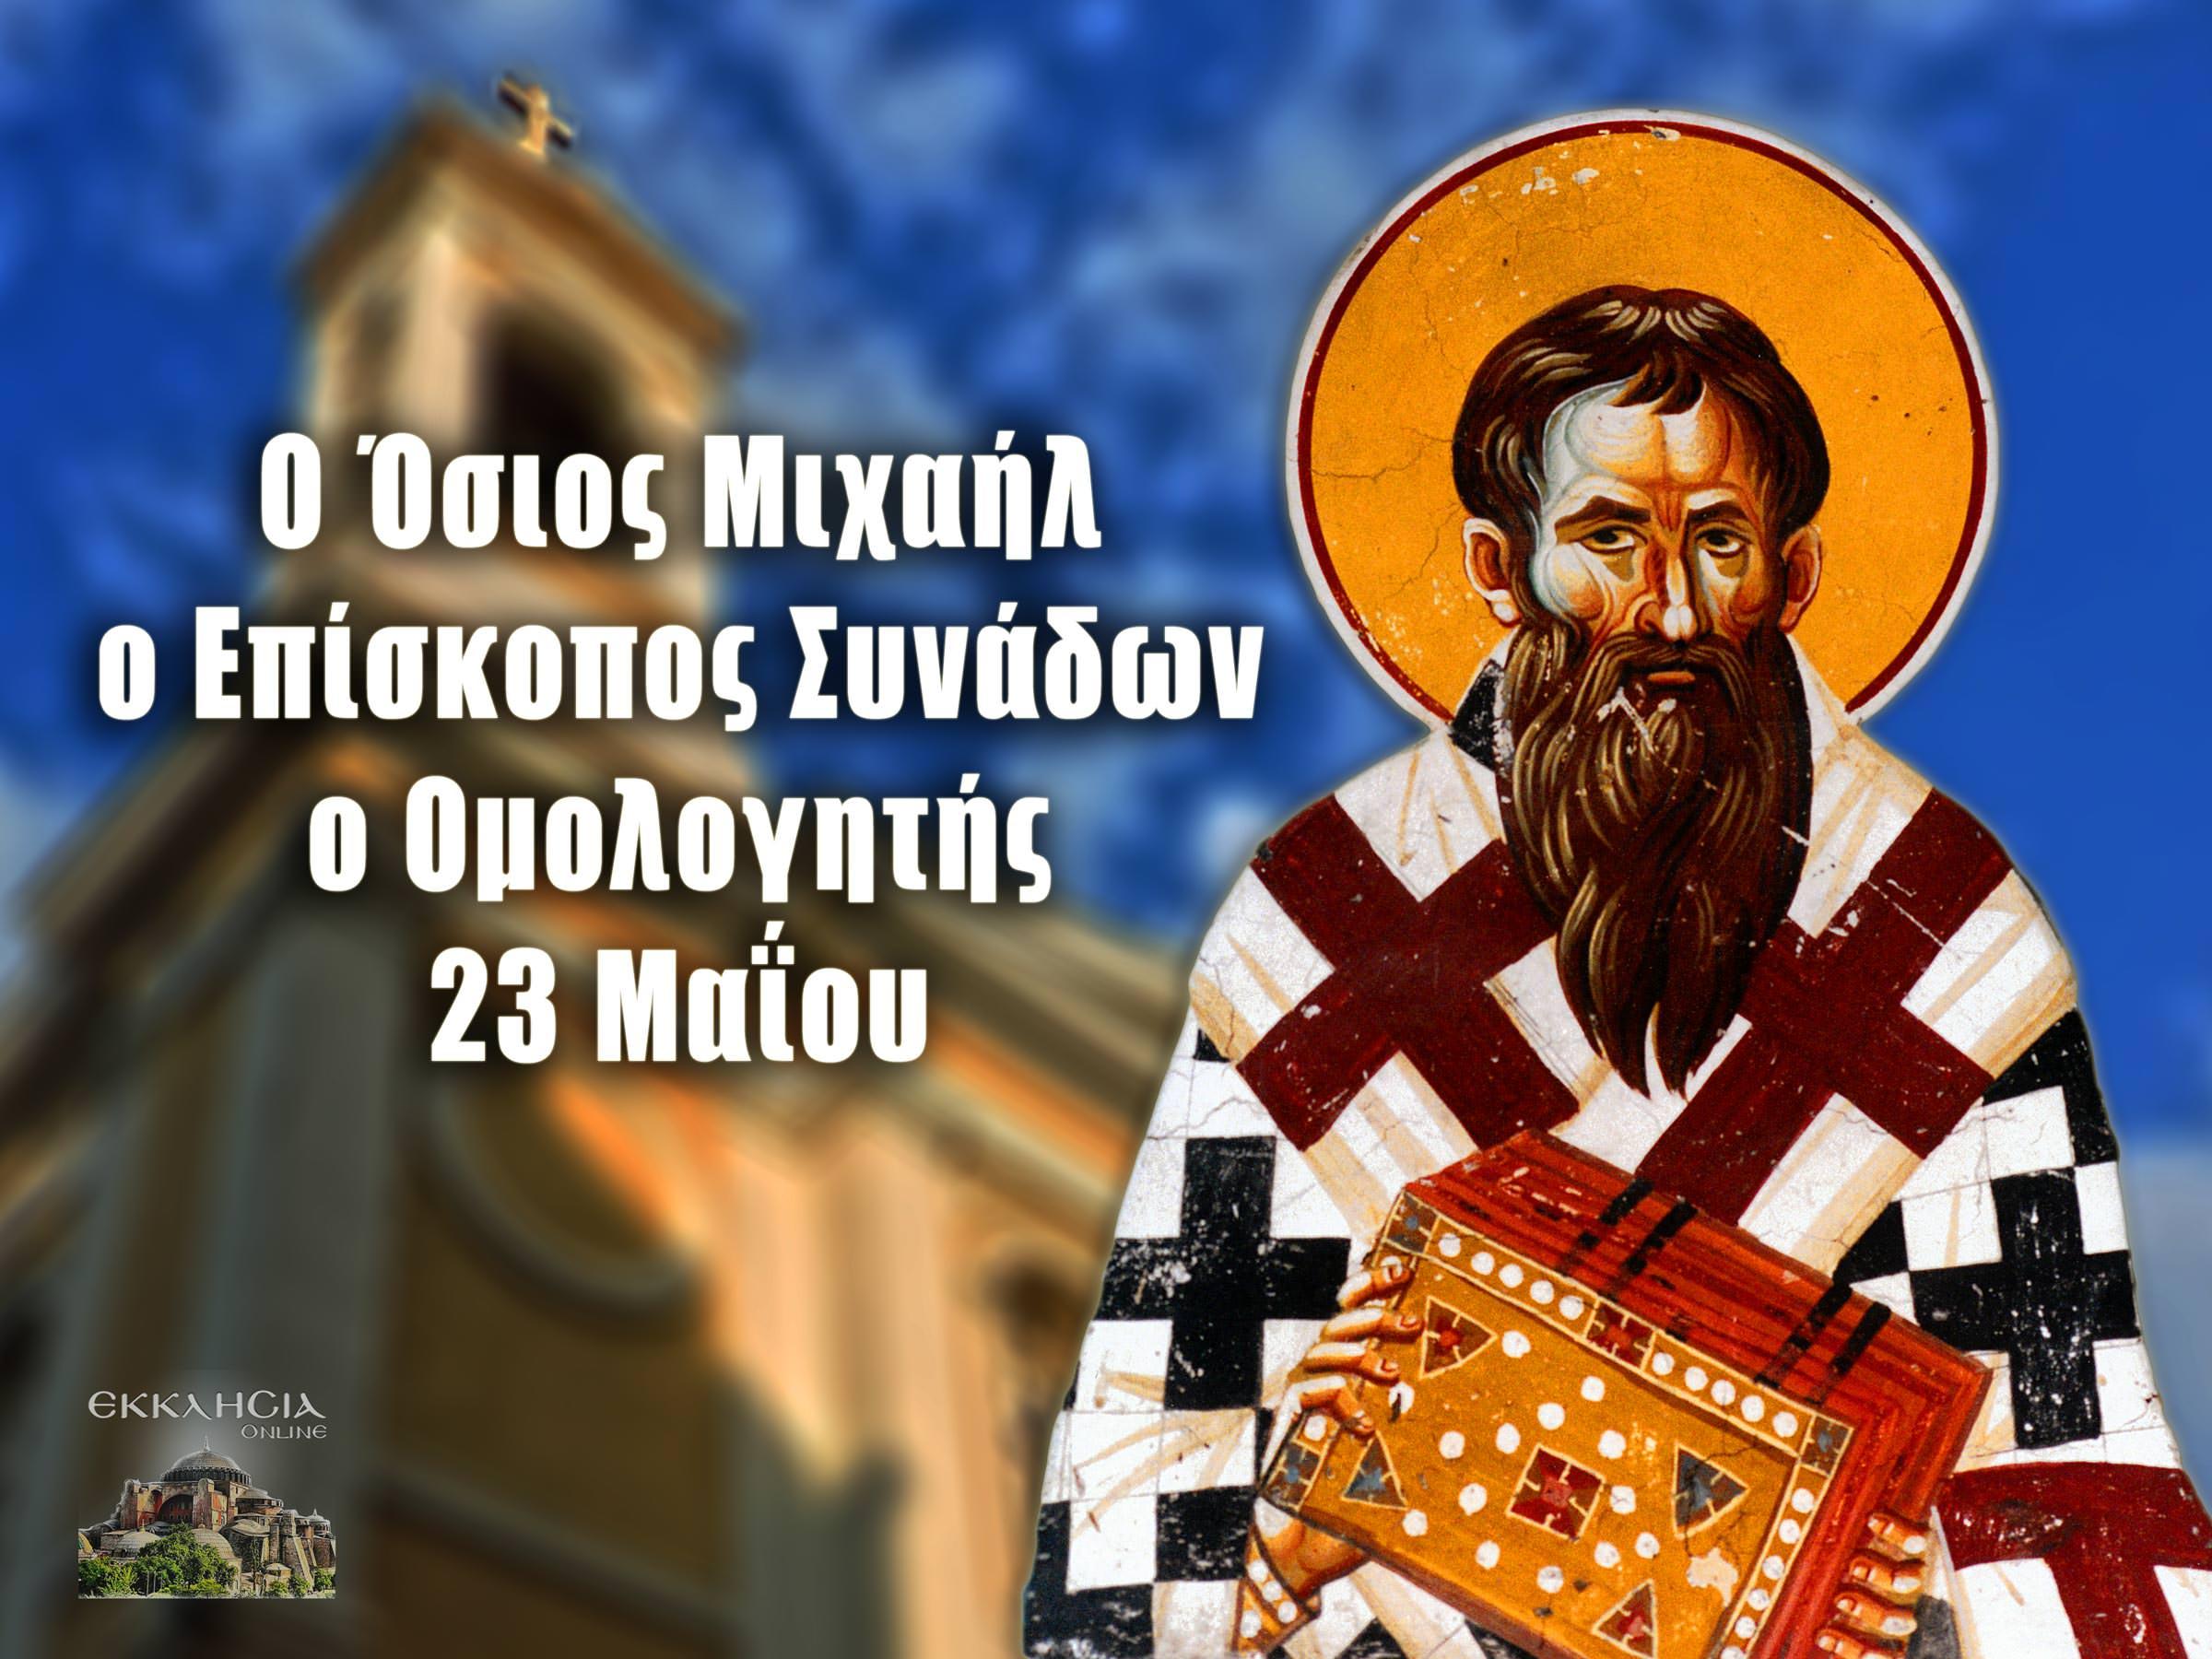 Όσιος Μιχαήλ ο επίσκοπος Συνάδων ο Ομολογητής 23 Μαΐου